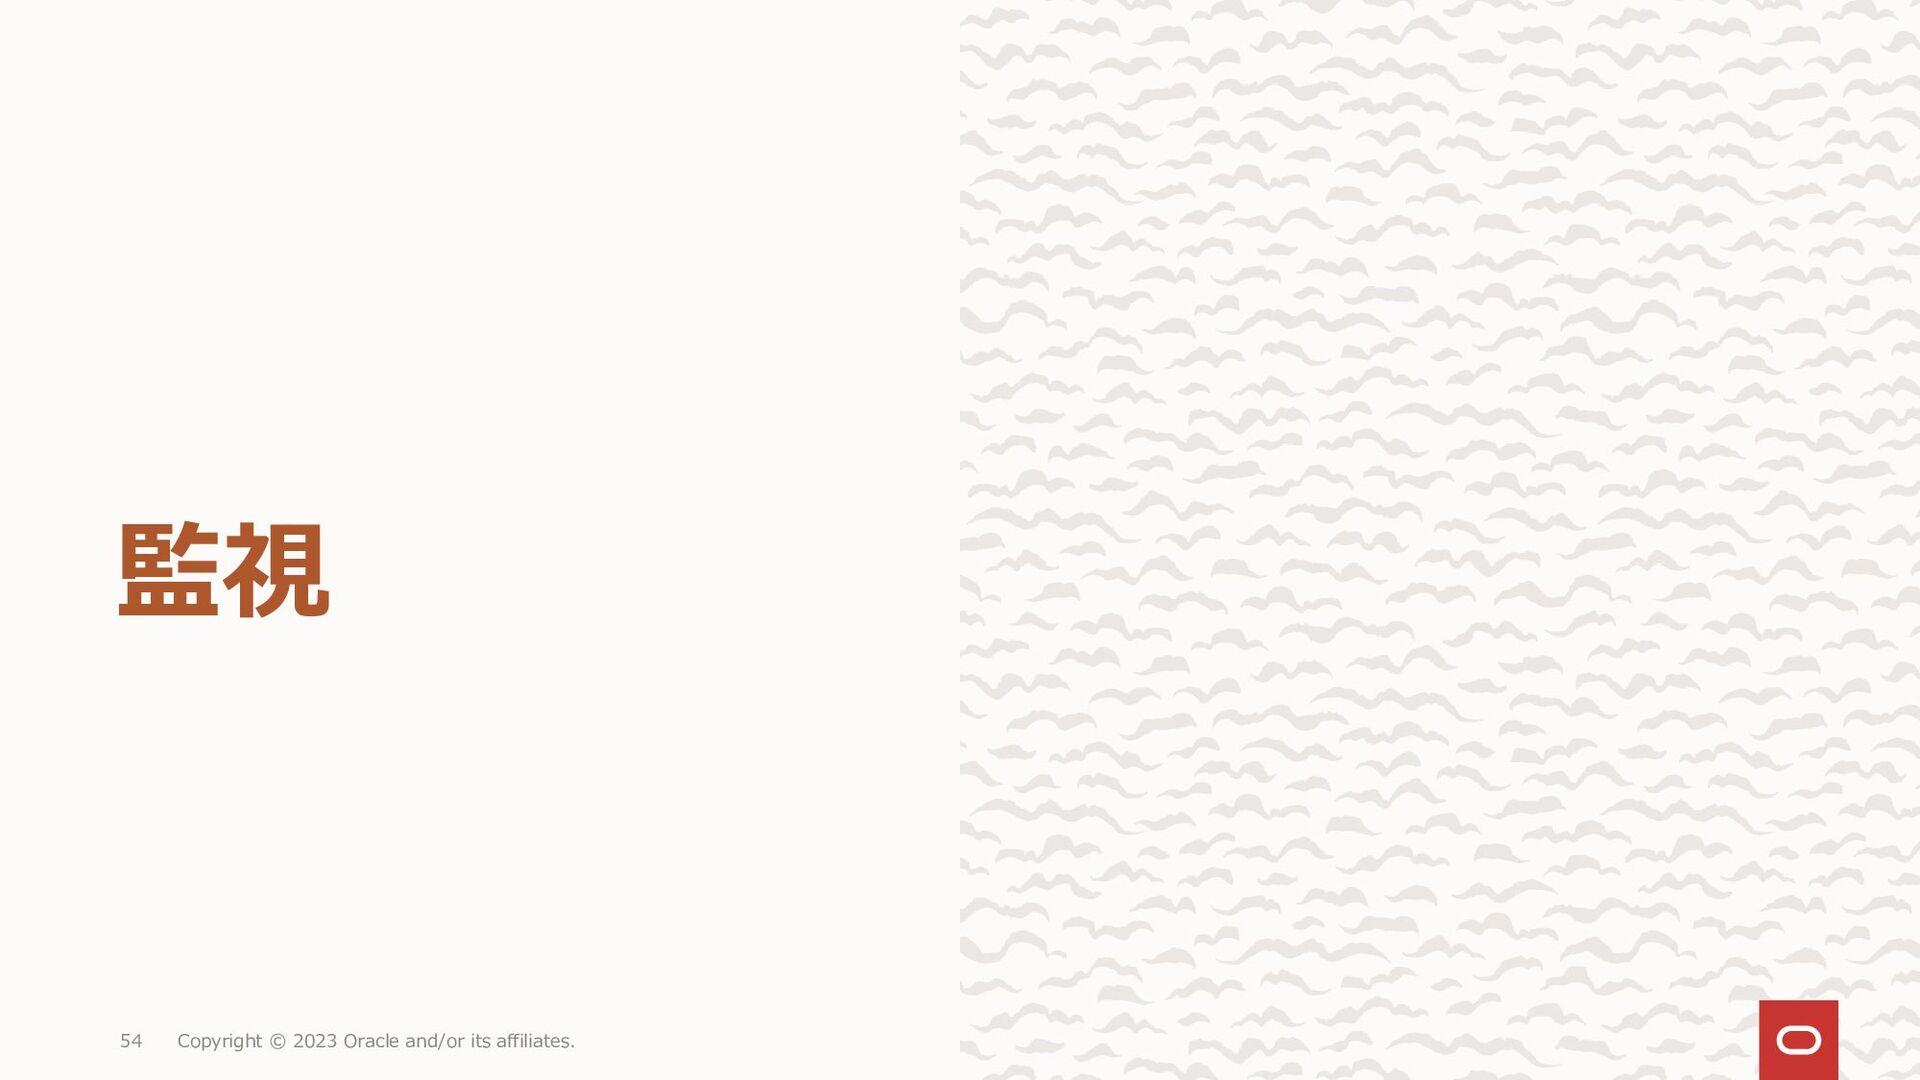 54 Marketplaceにて公開されている Enterprise Managerイメージを...